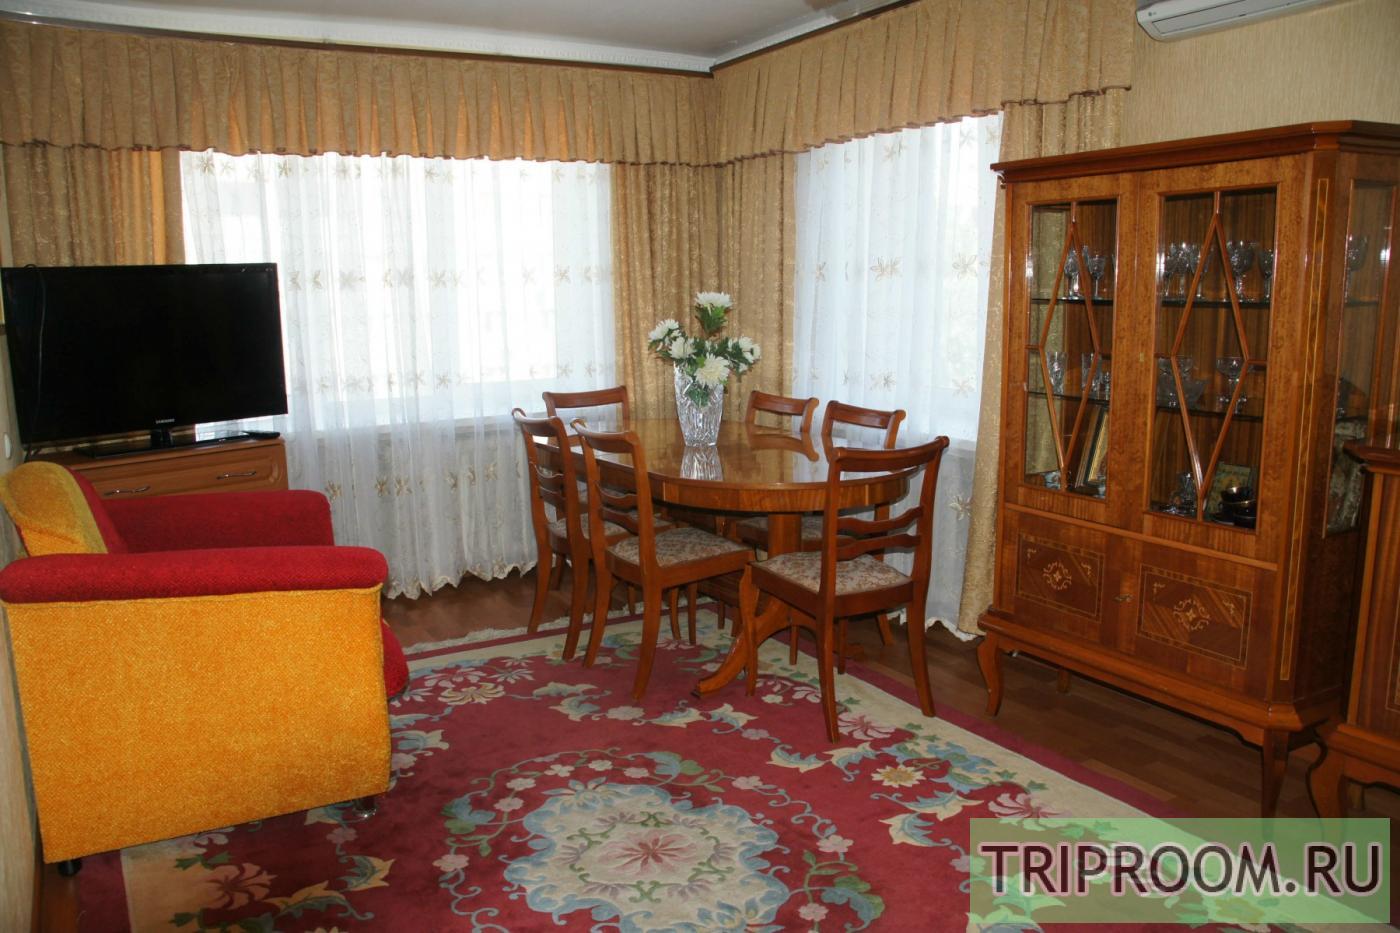 3-комнатная квартира посуточно (вариант № 18694), ул. Рокоссовского улица, фото № 1